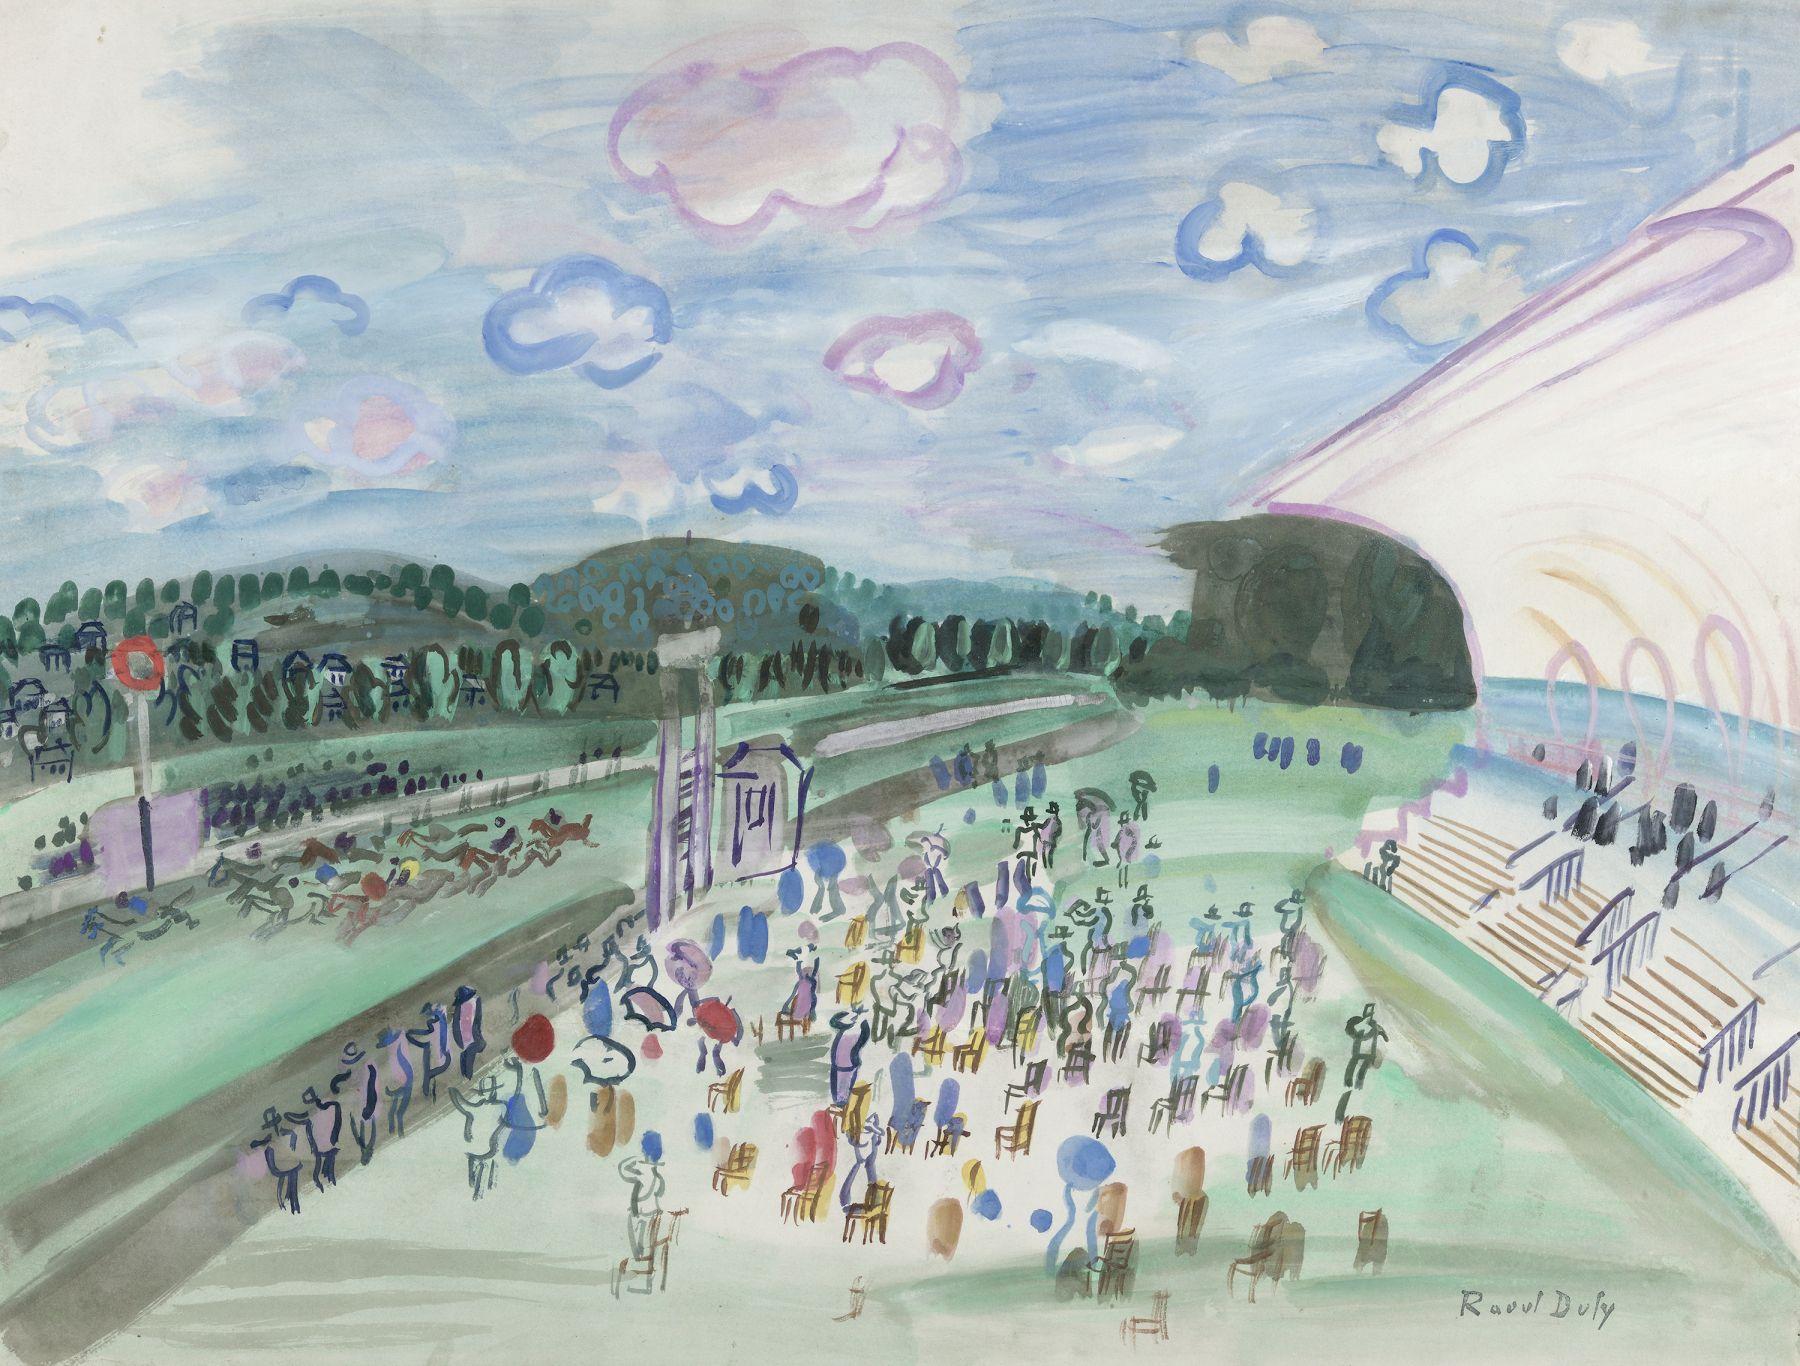 Raoul Dufy, Courses à Deauville, c. 1929, Gouache on paper 19 5/8 x 25 5/8 inches